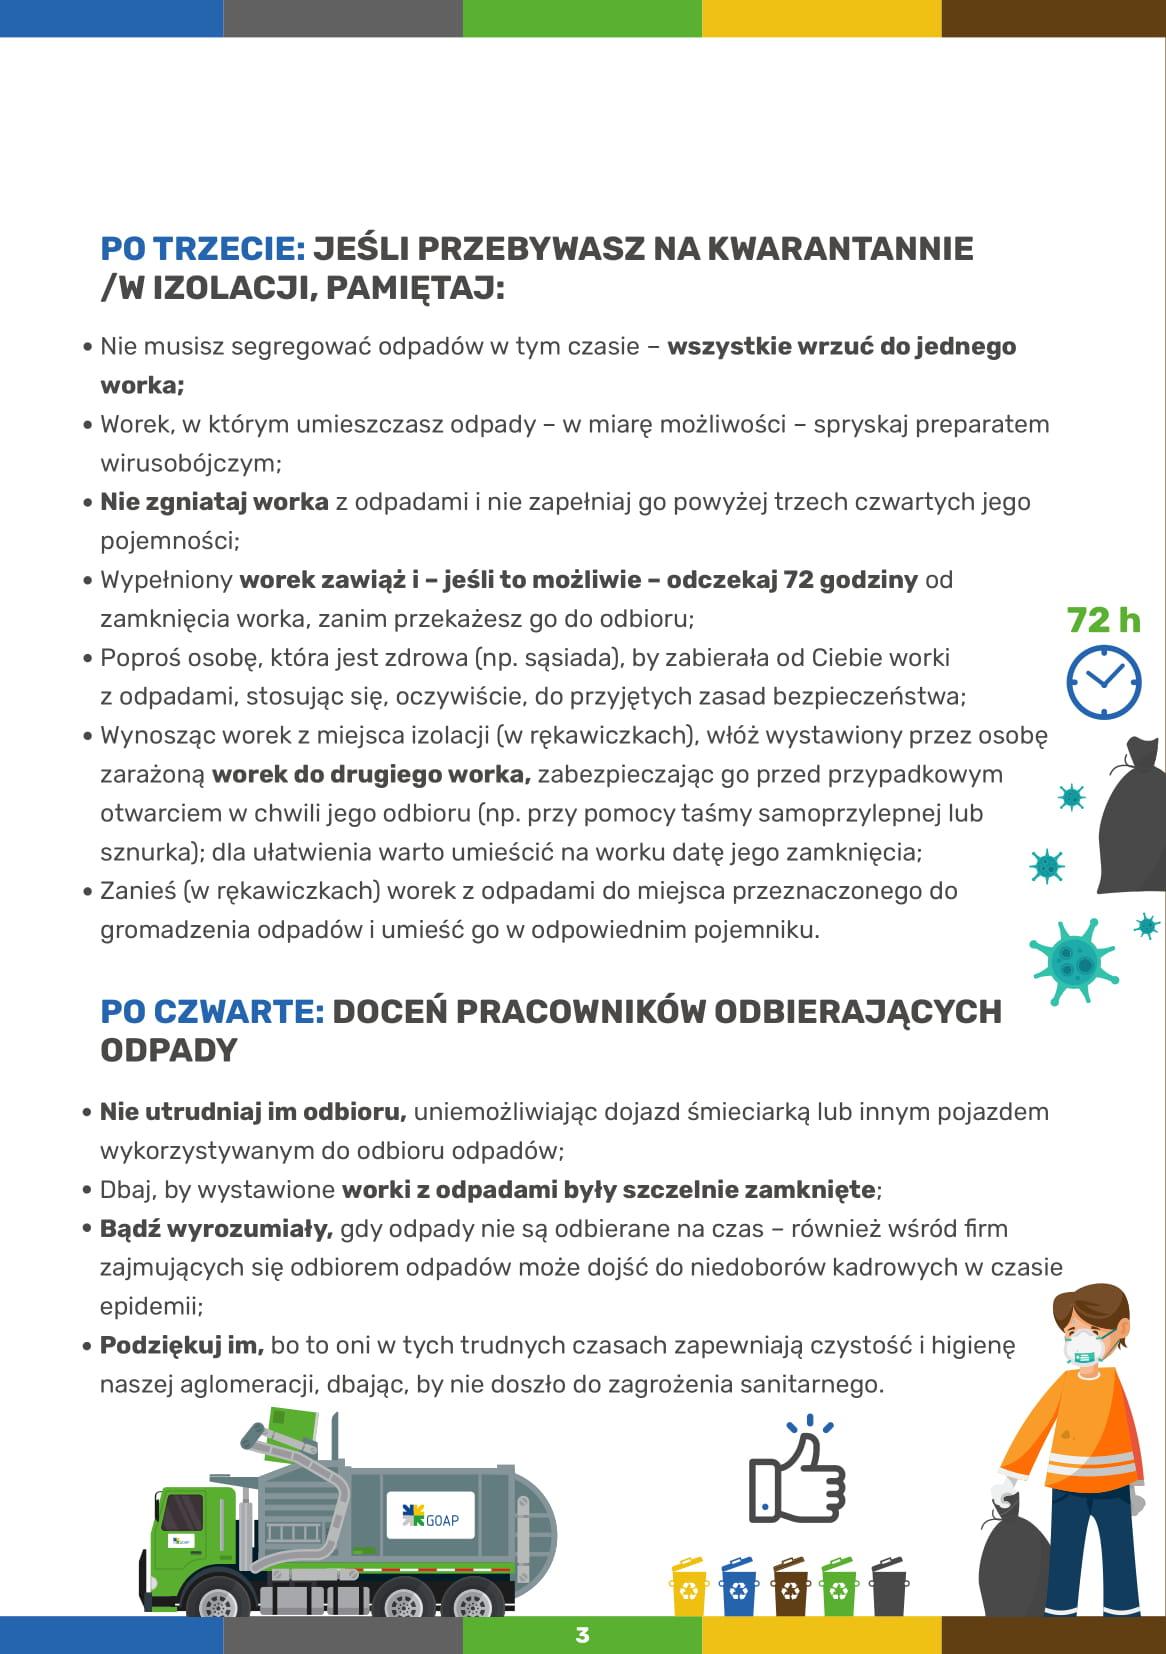 GOAP-Poradnik_zasady_postepowania_z_odpadami_w_czasie_pandemii_Koronawirusa-3